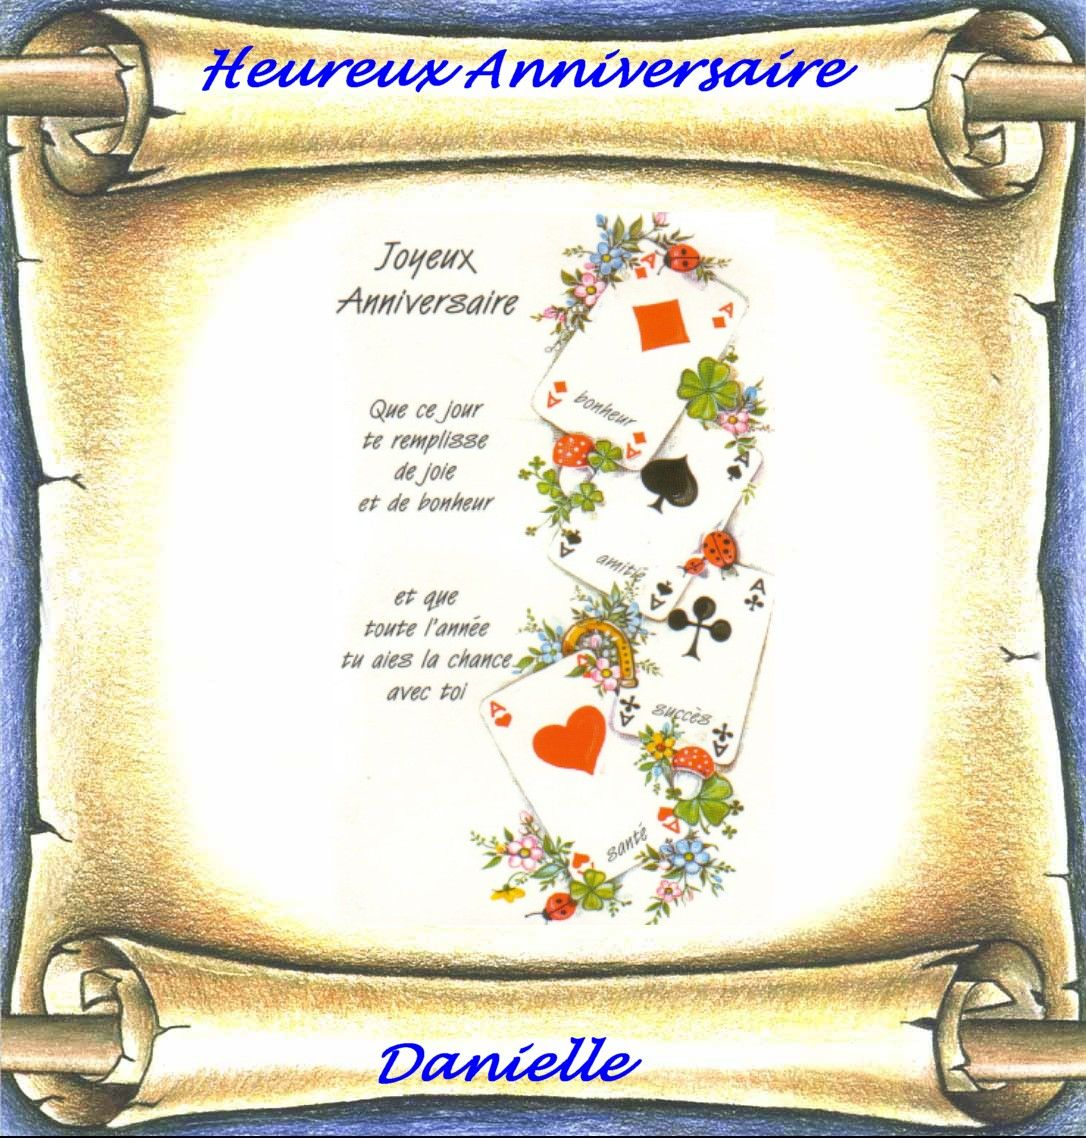 Heureux Anniversaire Danielle